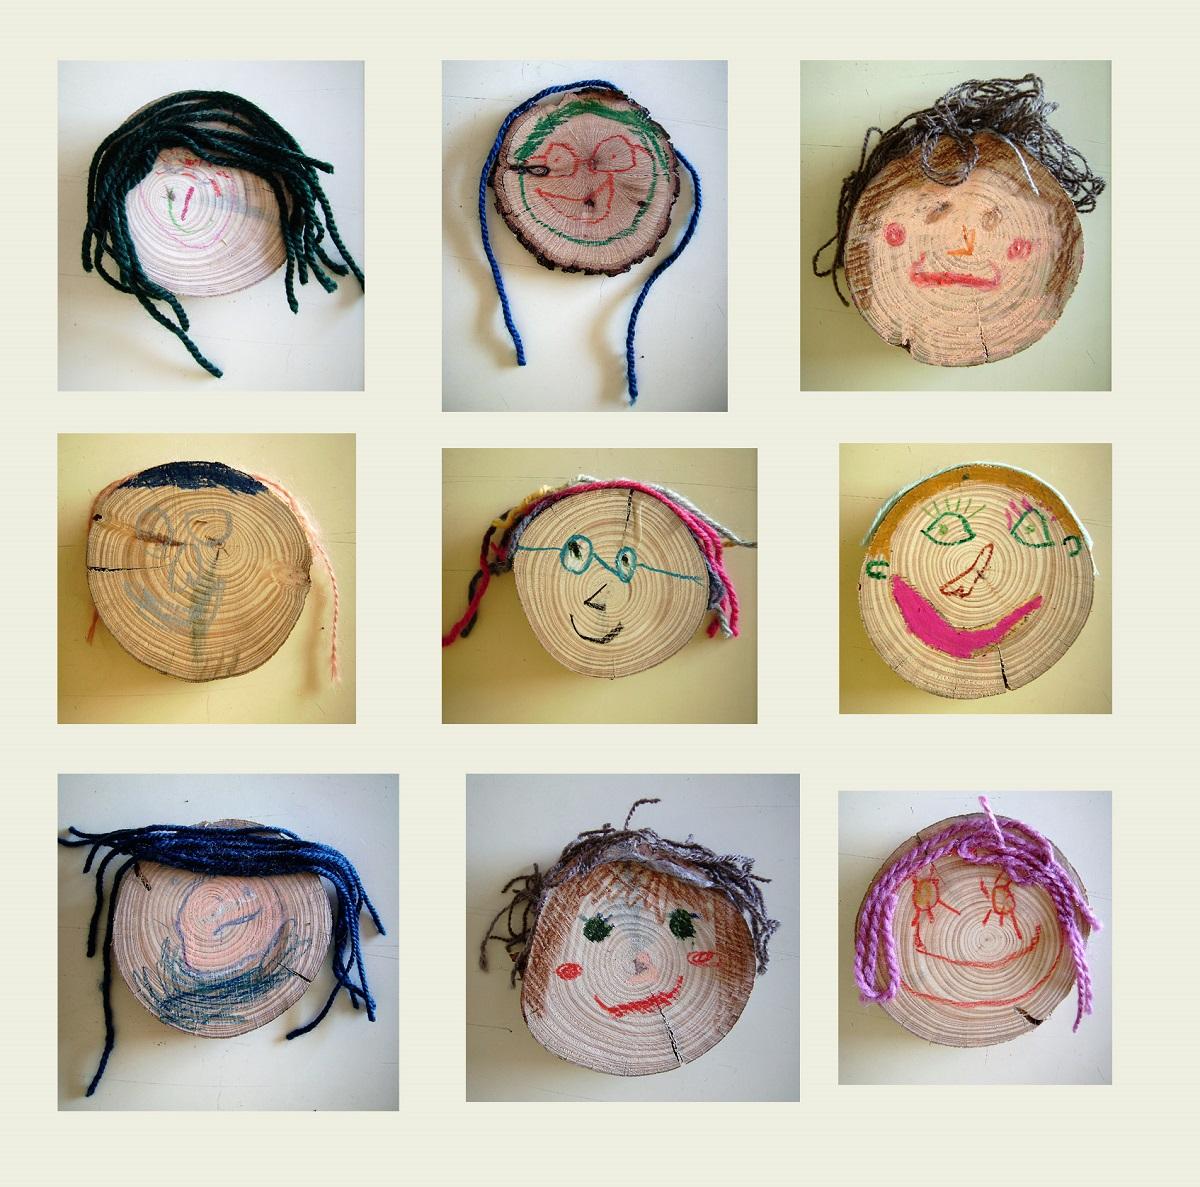 Ejemplo de manualidades con troncos, cómo hacer retratos infantiles con troncos